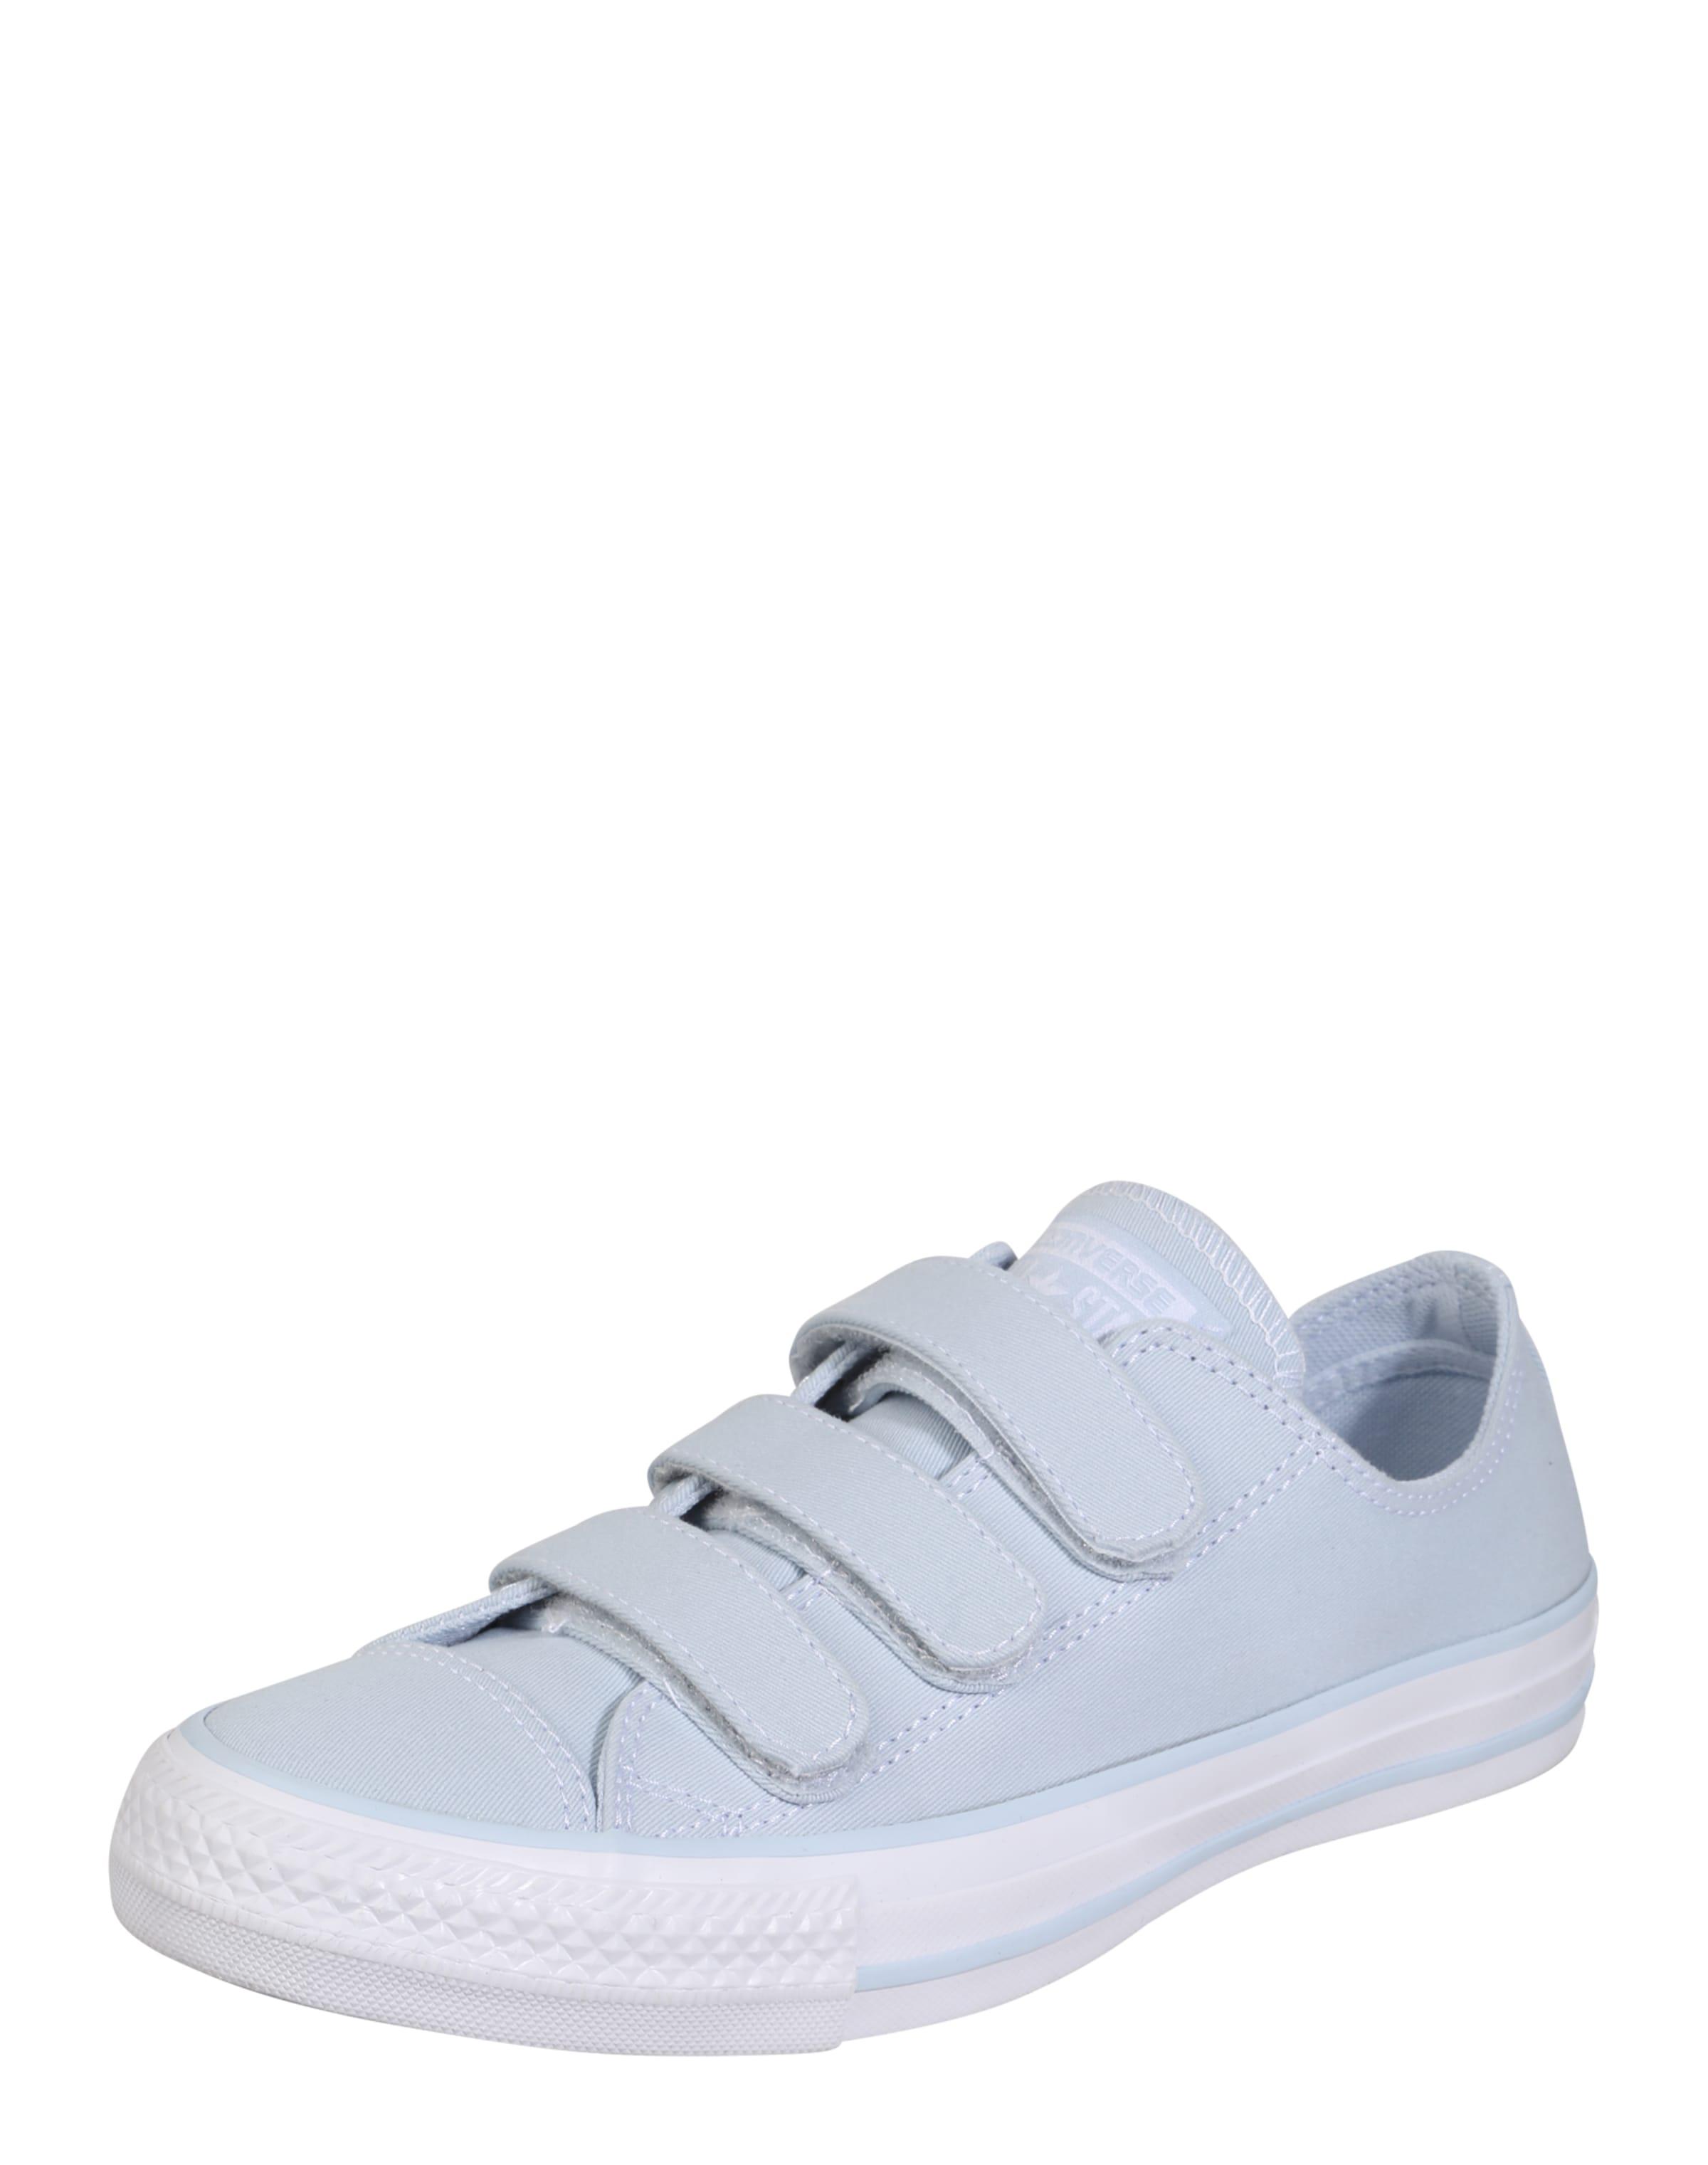 CONVERSE Sneakers mit Klettverschlüssen Günstige und langlebige Schuhe